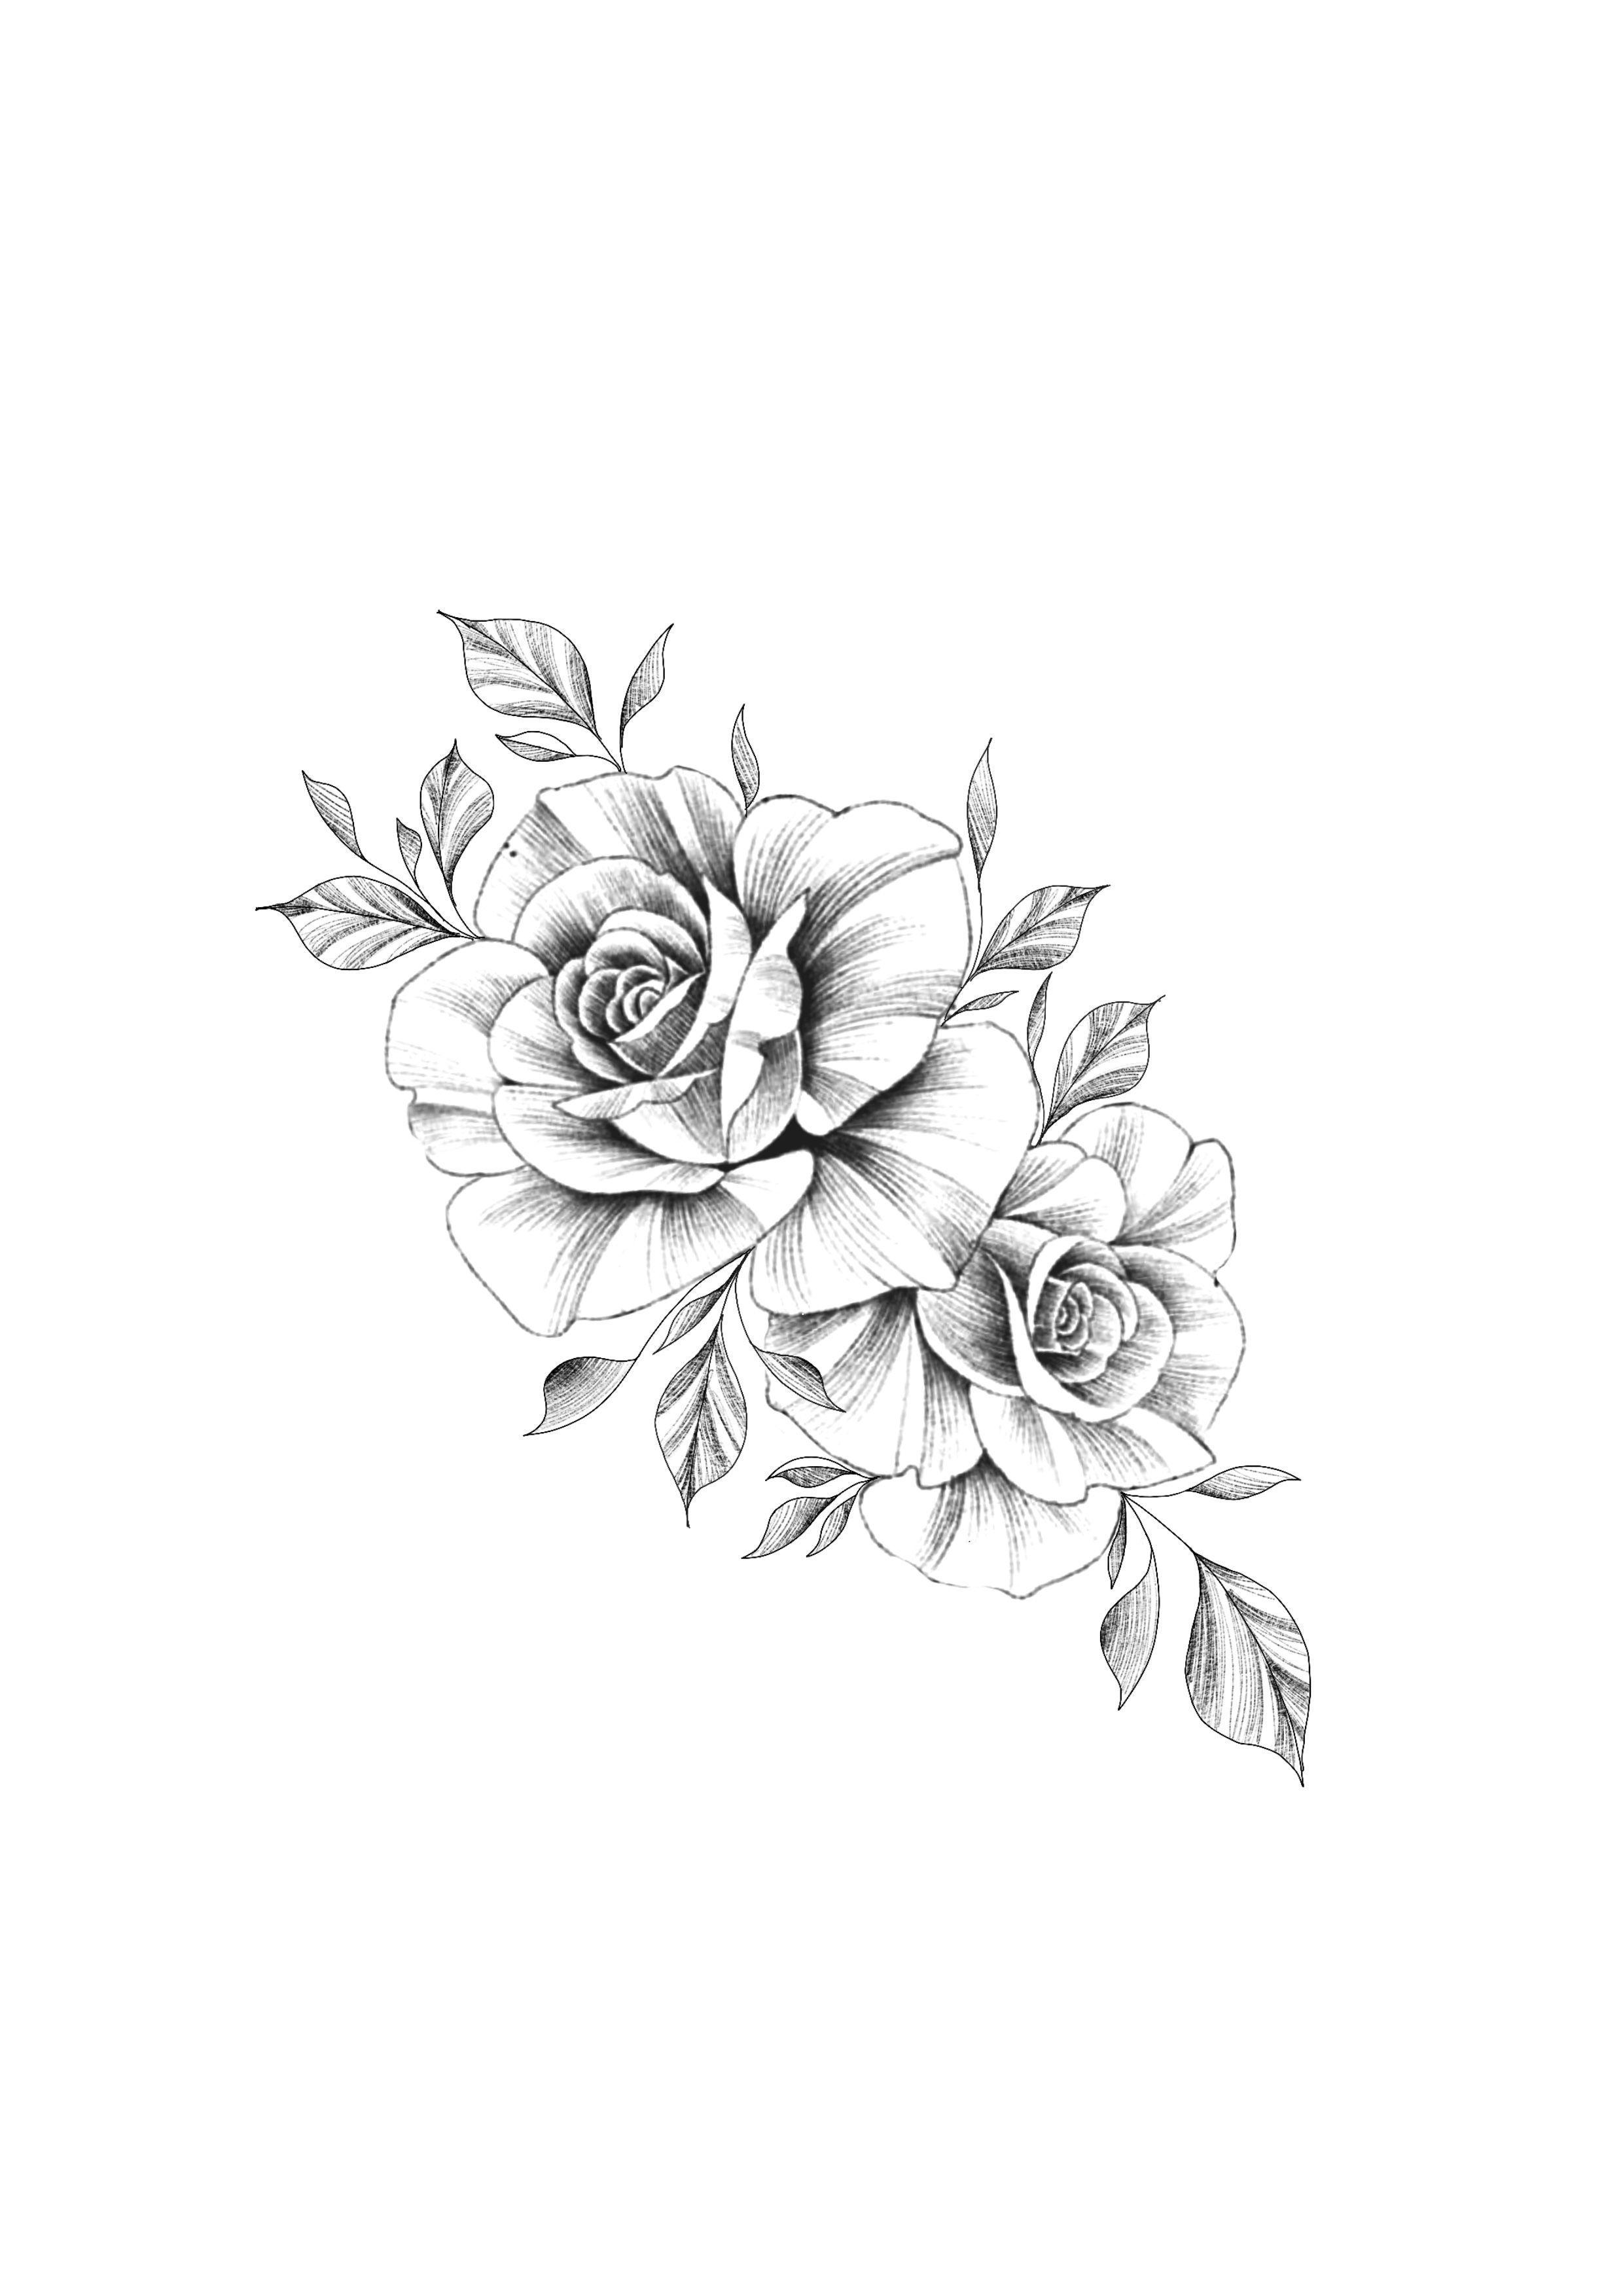 butterflytattoos rosetattoos tattooartists tattoodesigns in 2020 tattoos rose tattoos